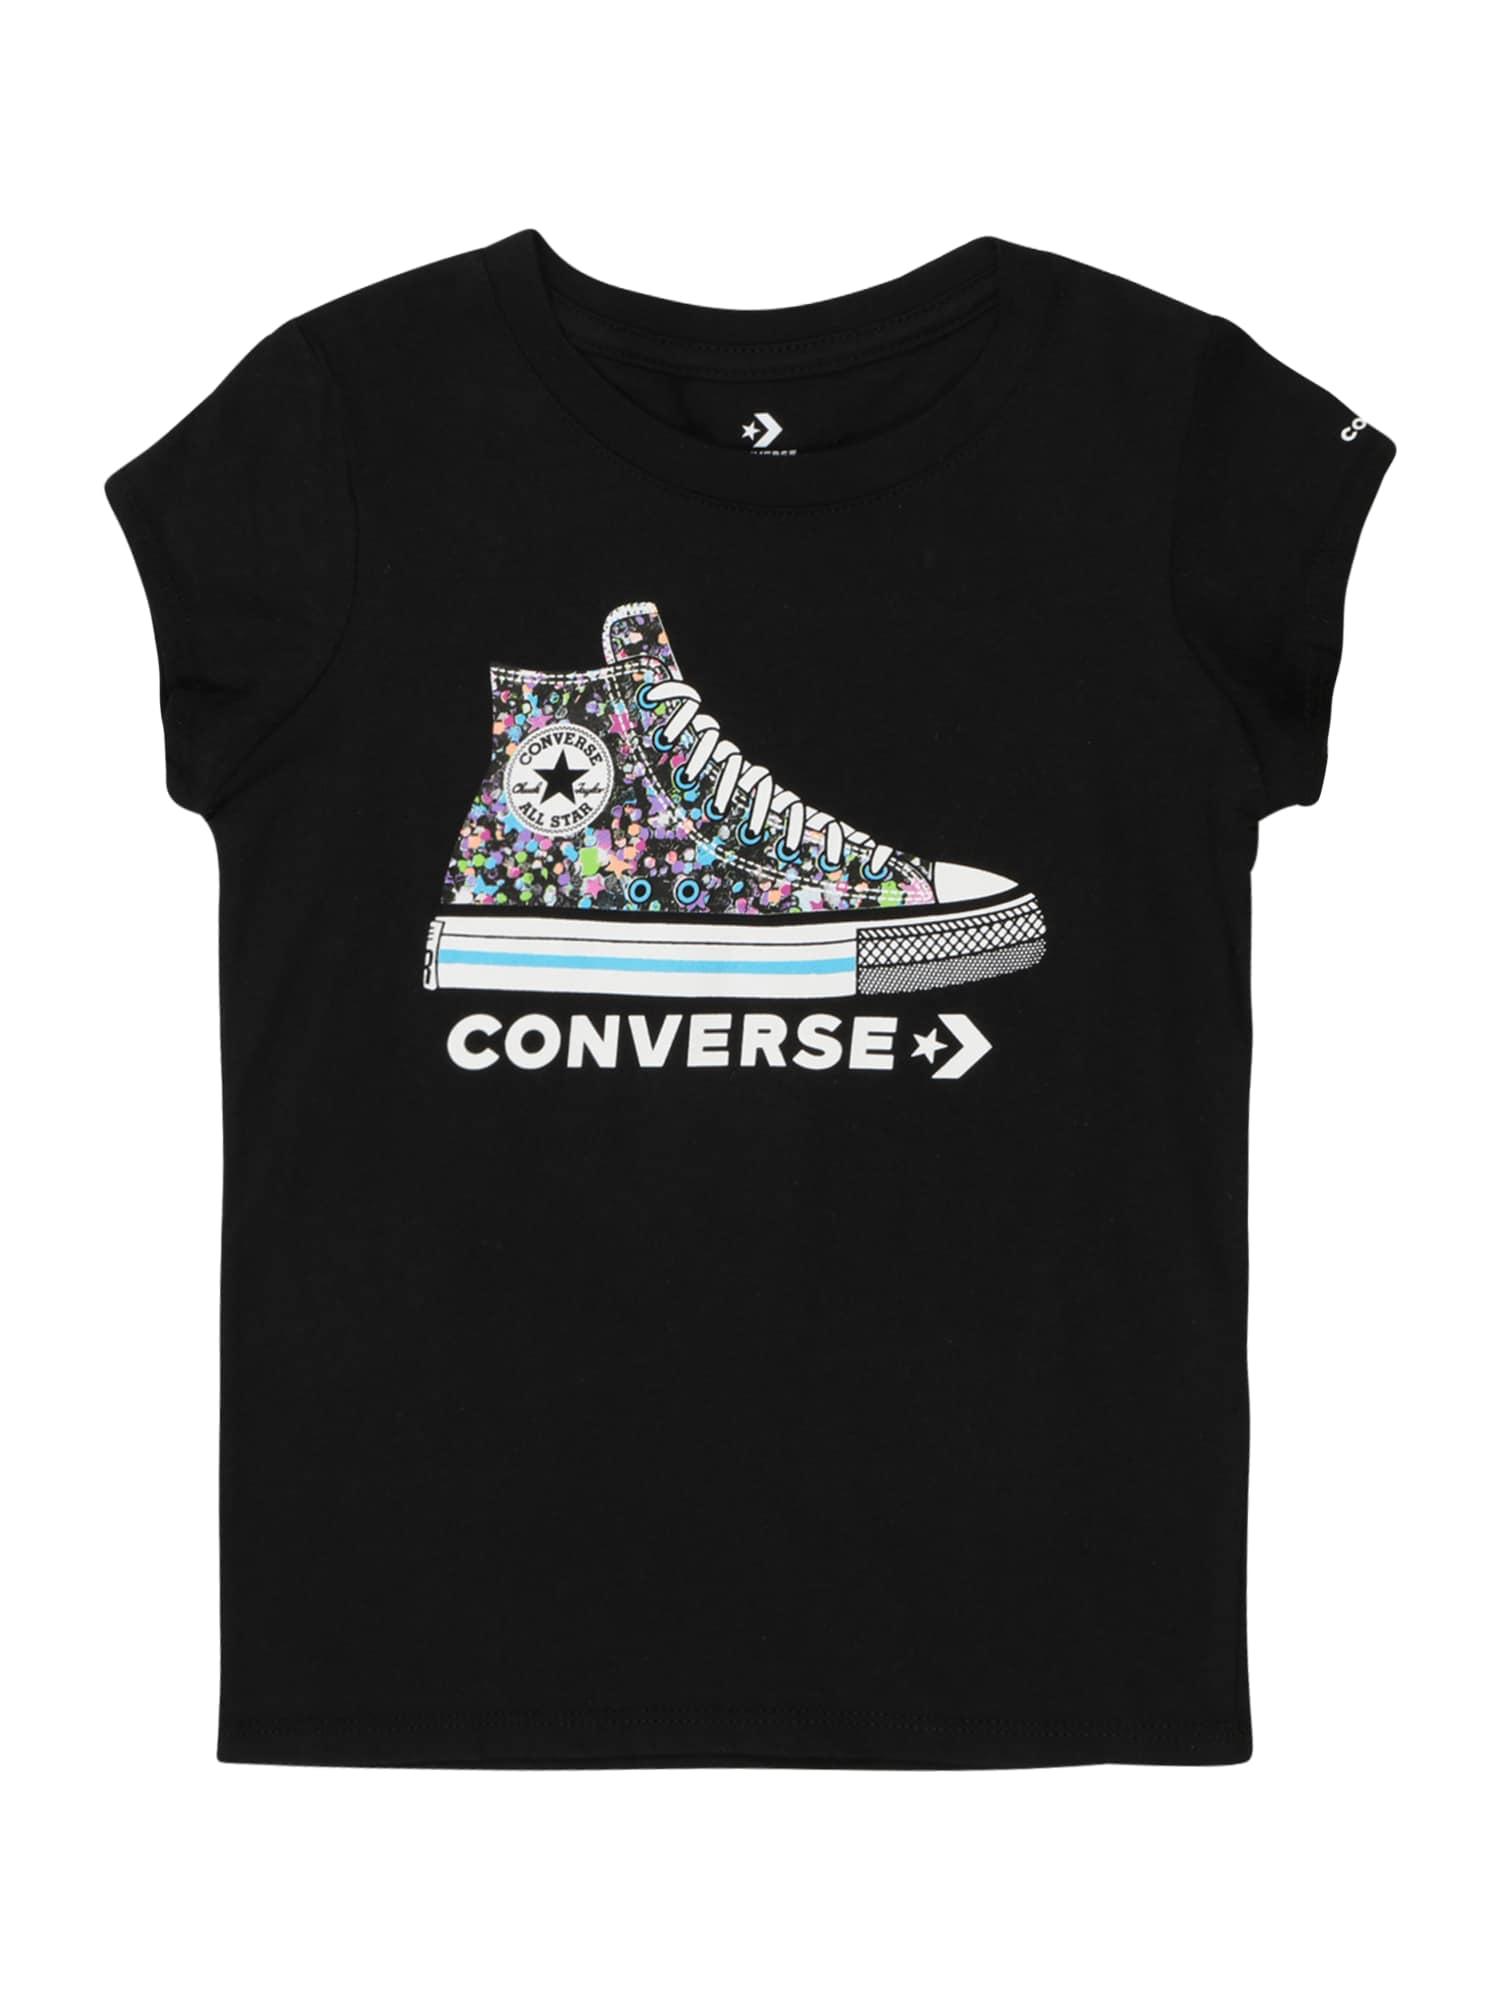 CONVERSE Marškinėliai 'RHINESTONE' juoda / mišrios spalvos